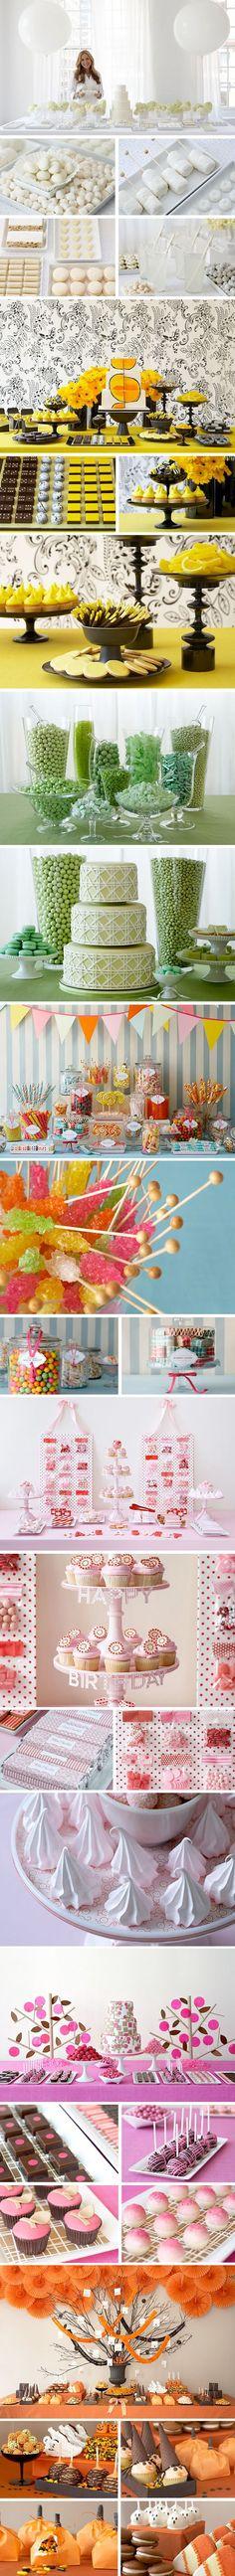 miles de detalles dulces